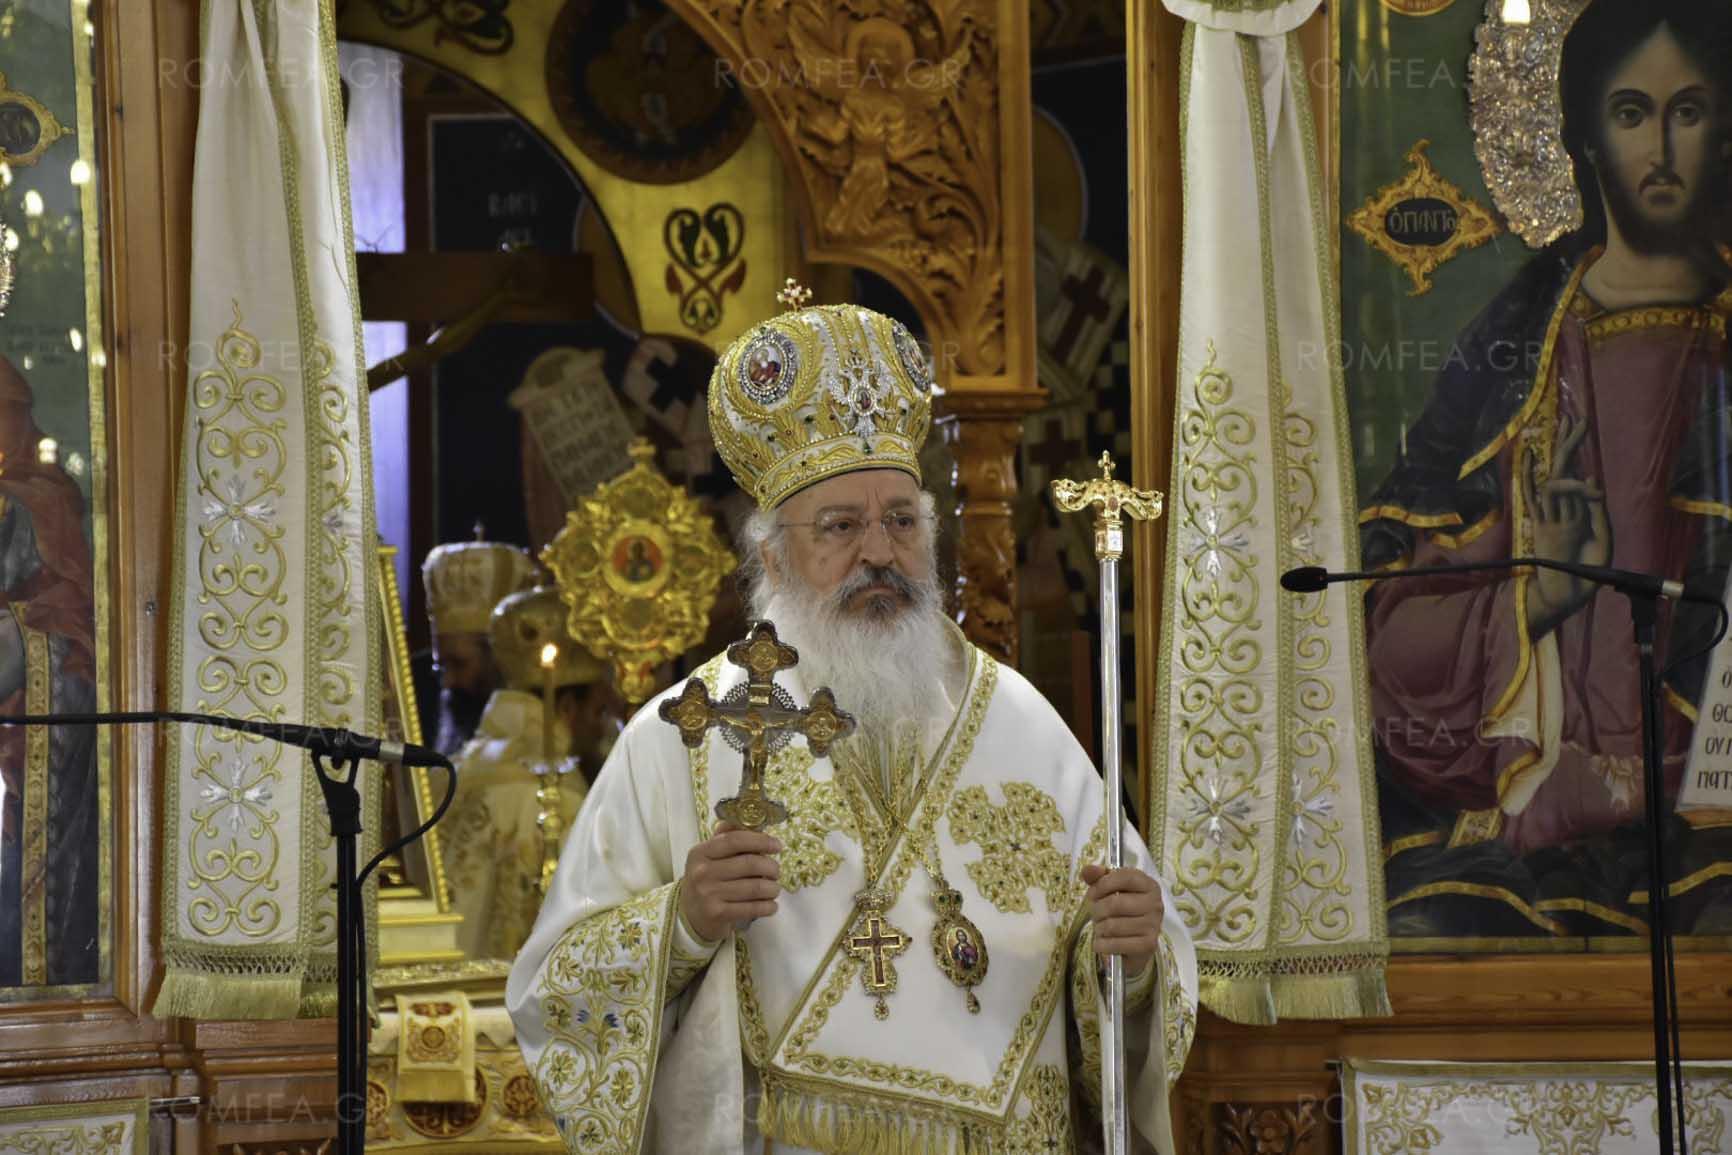 Ο Κασσανδρείας, Νικόδημος, μεταξύ των θυμάτων της επίθεσης στη Μονή Πετράκη